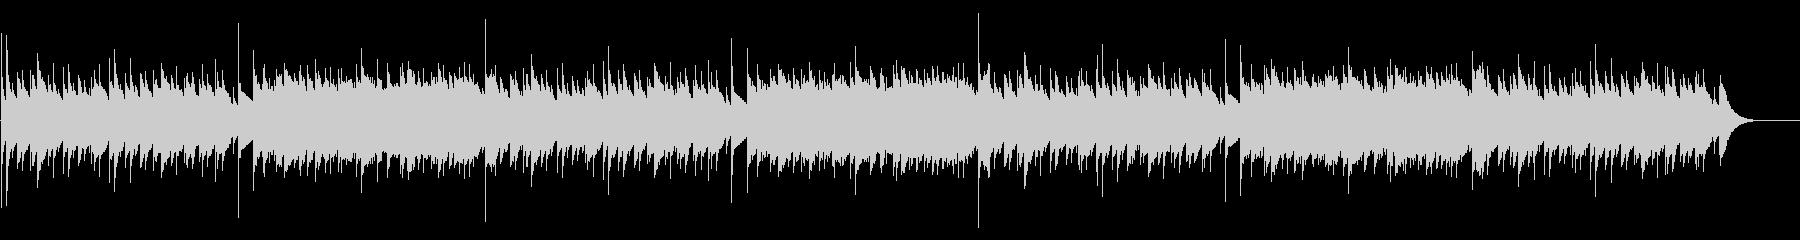 グリーンスリーブス / オルゴールの未再生の波形